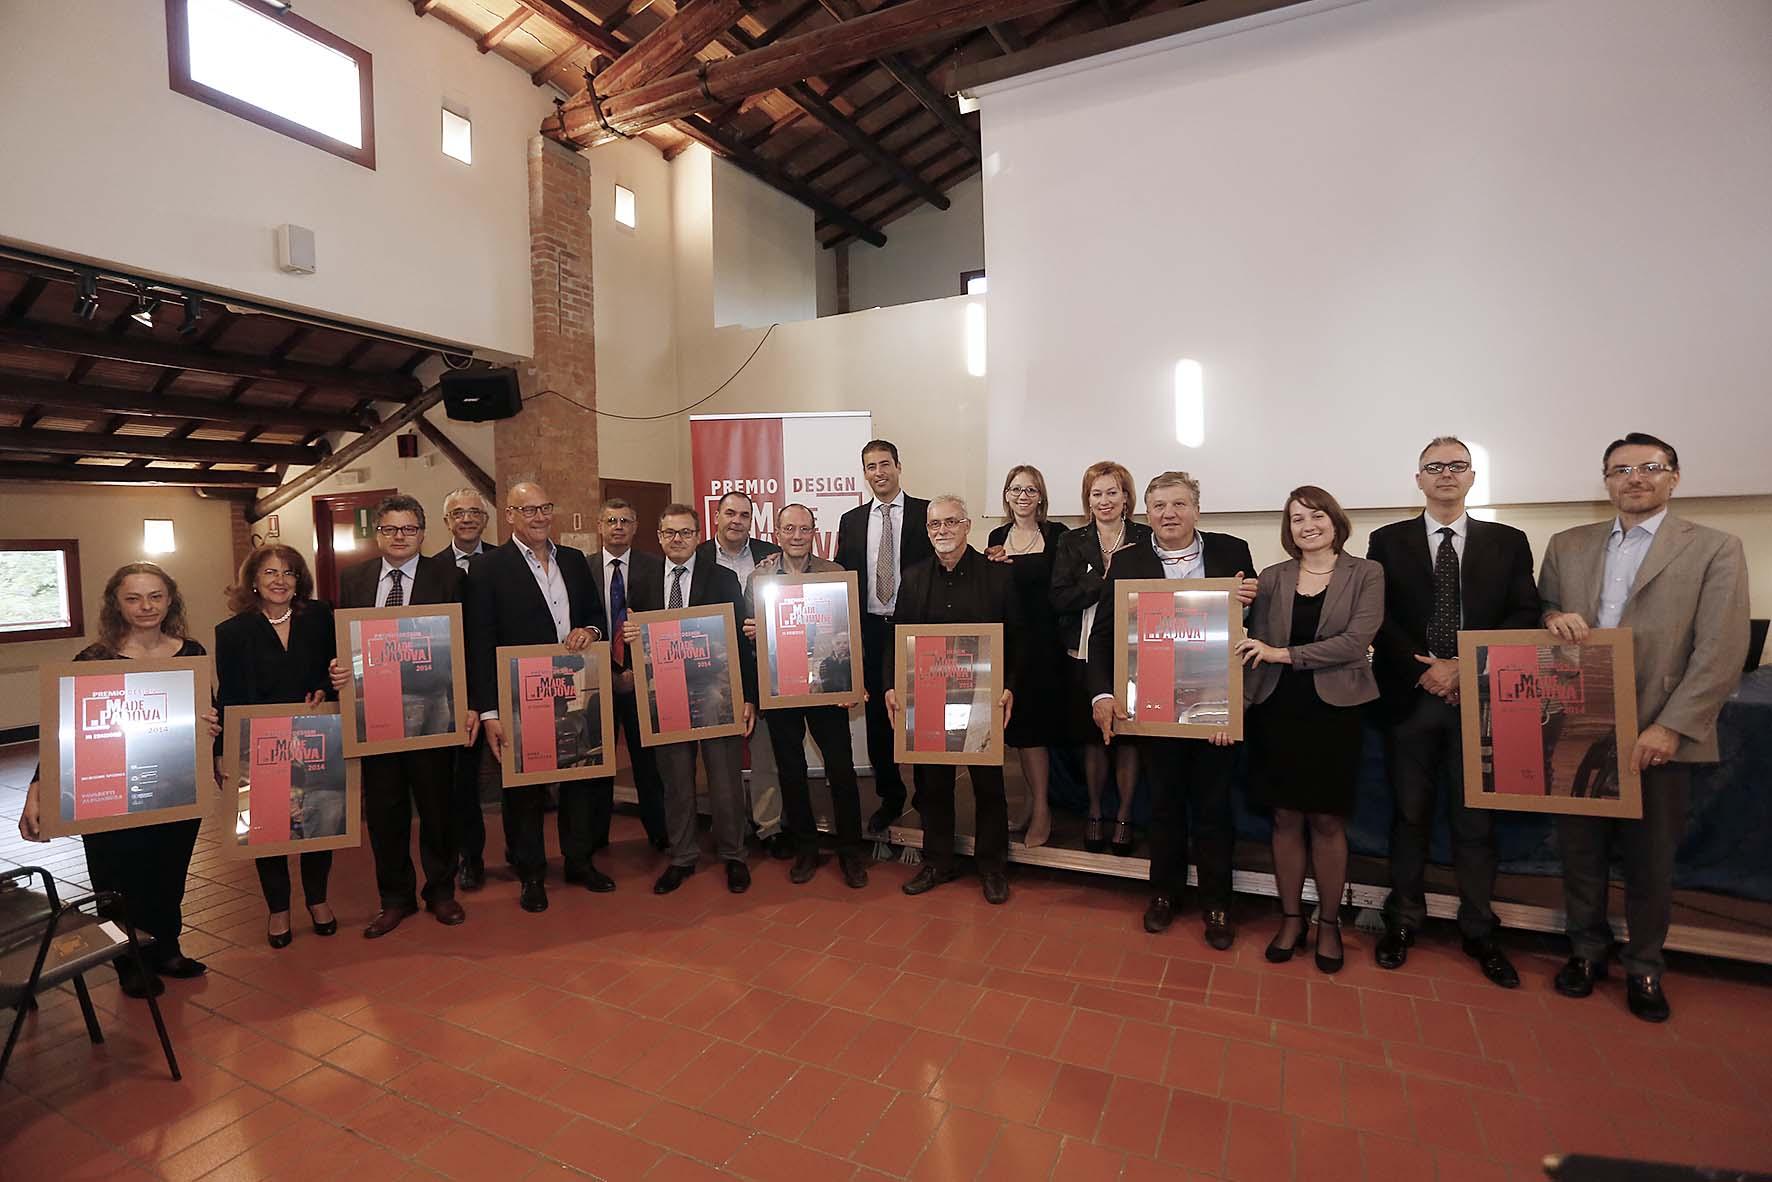 Rodolfo Cetera con tutti i premiati